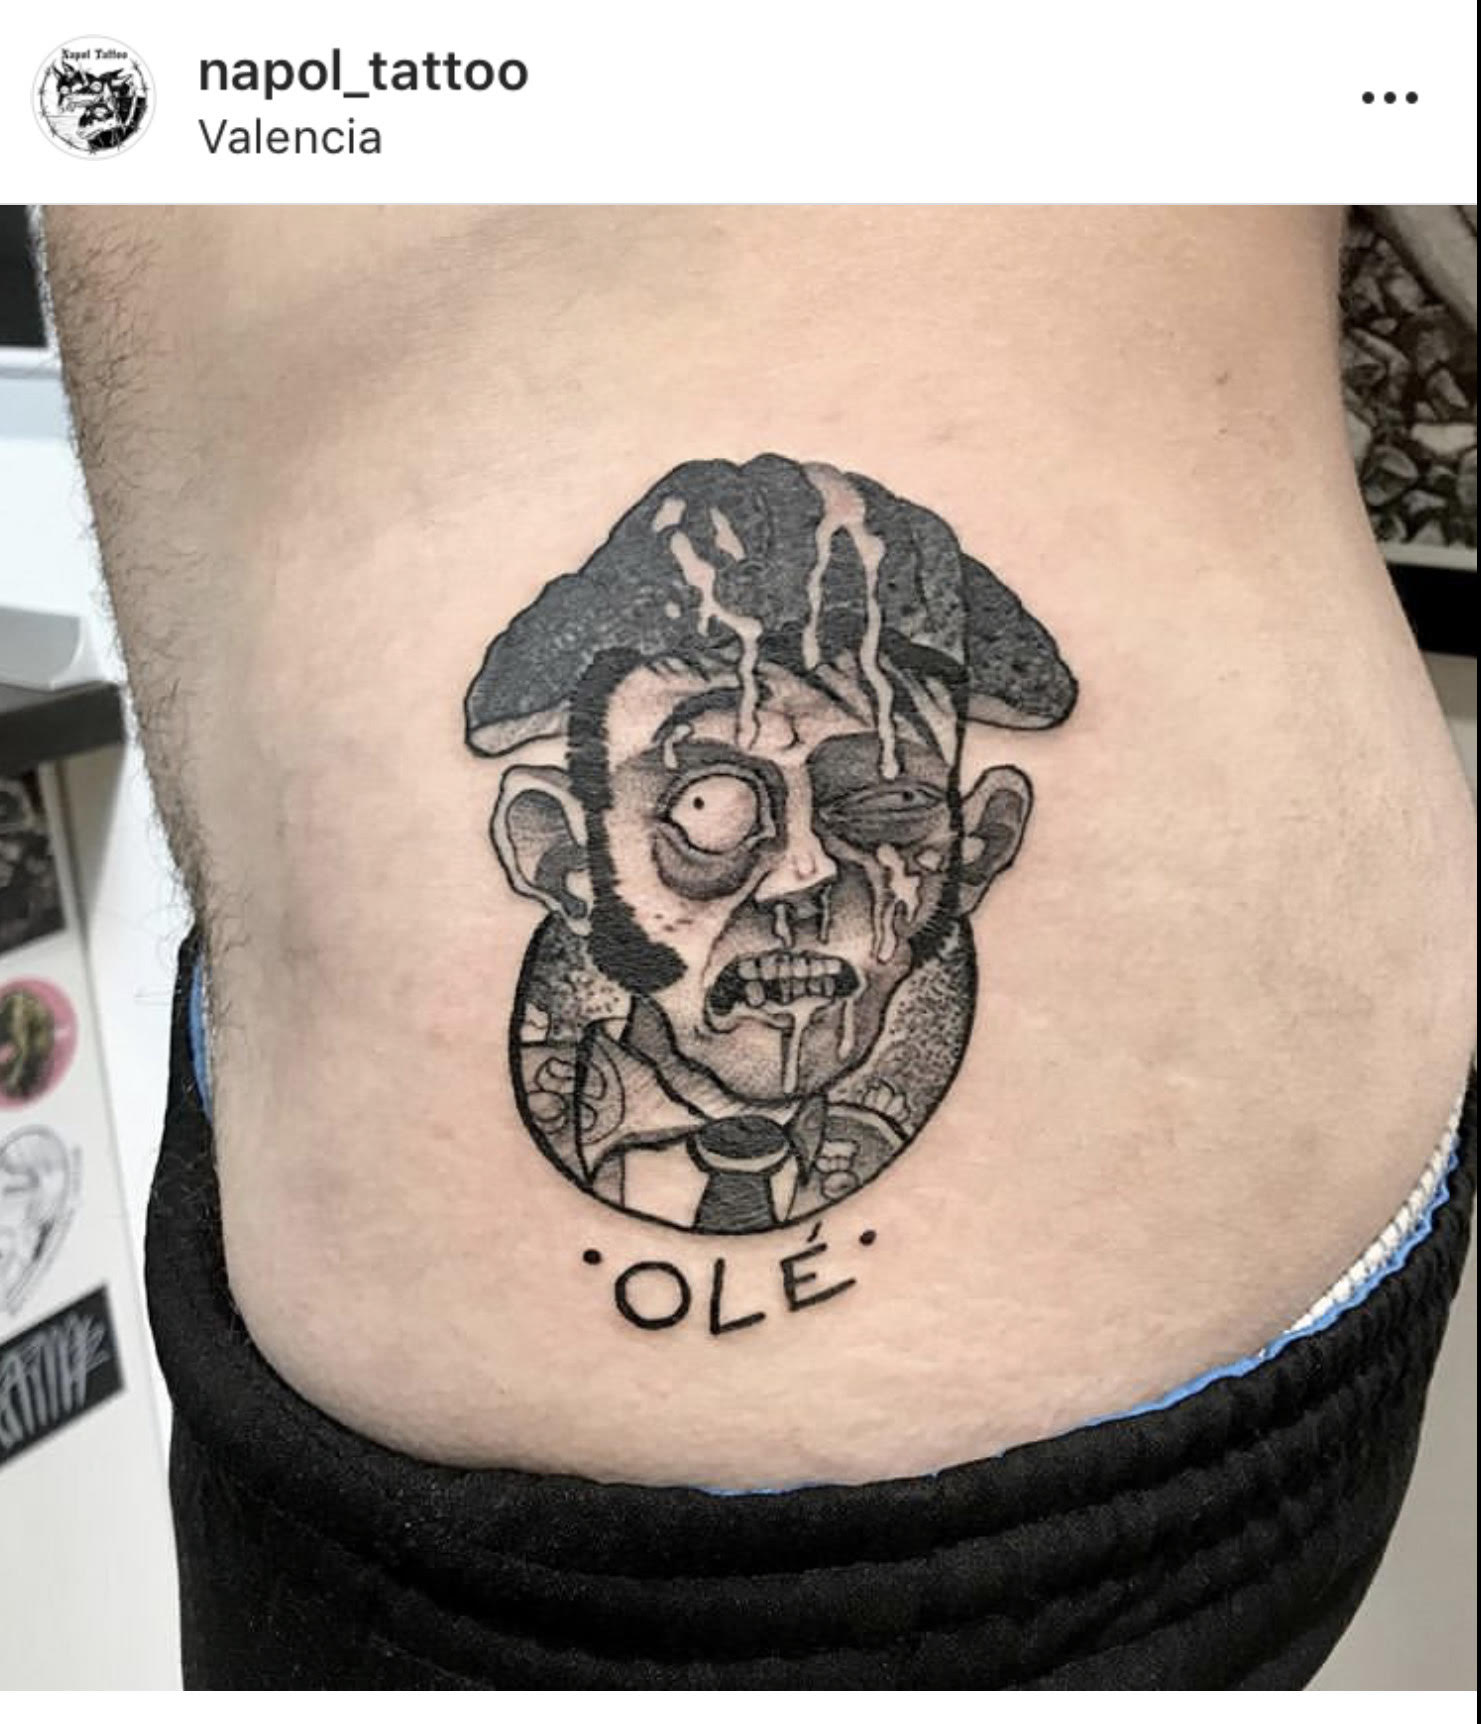 Más tatuajes bizarros de Napol Tattoo